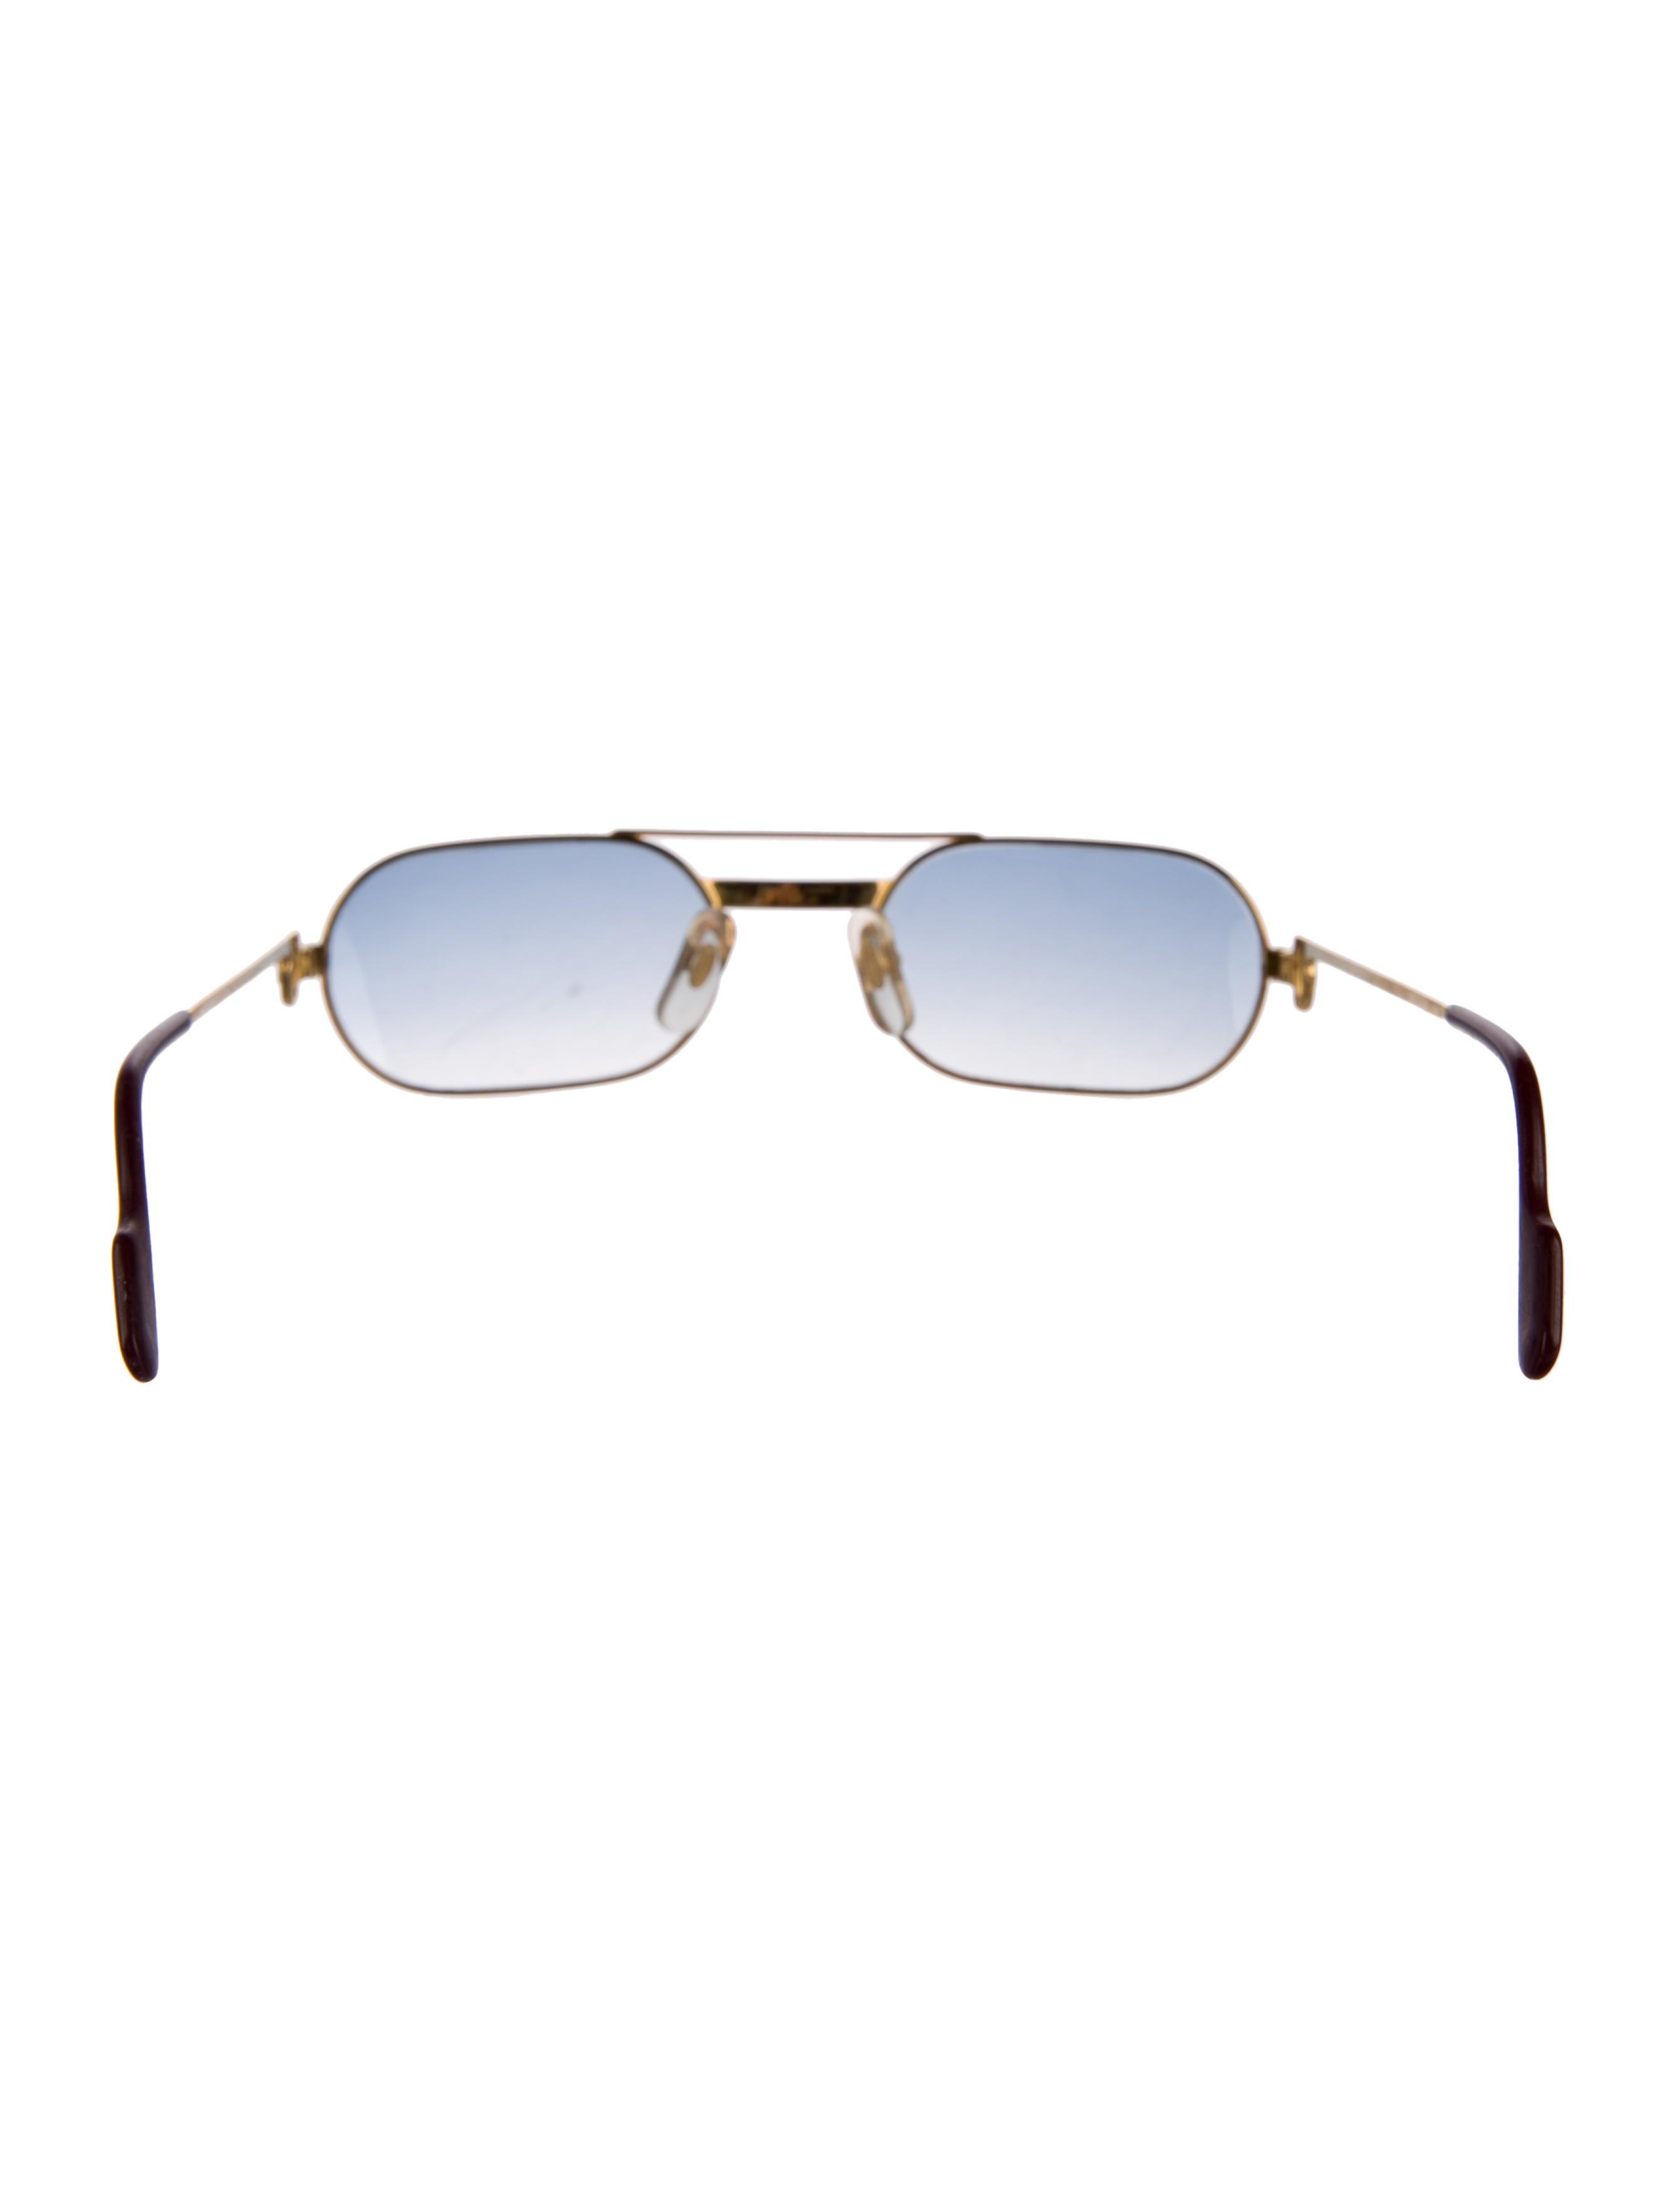 e44c820d372 Vintage Cartier Sunglasses For Men